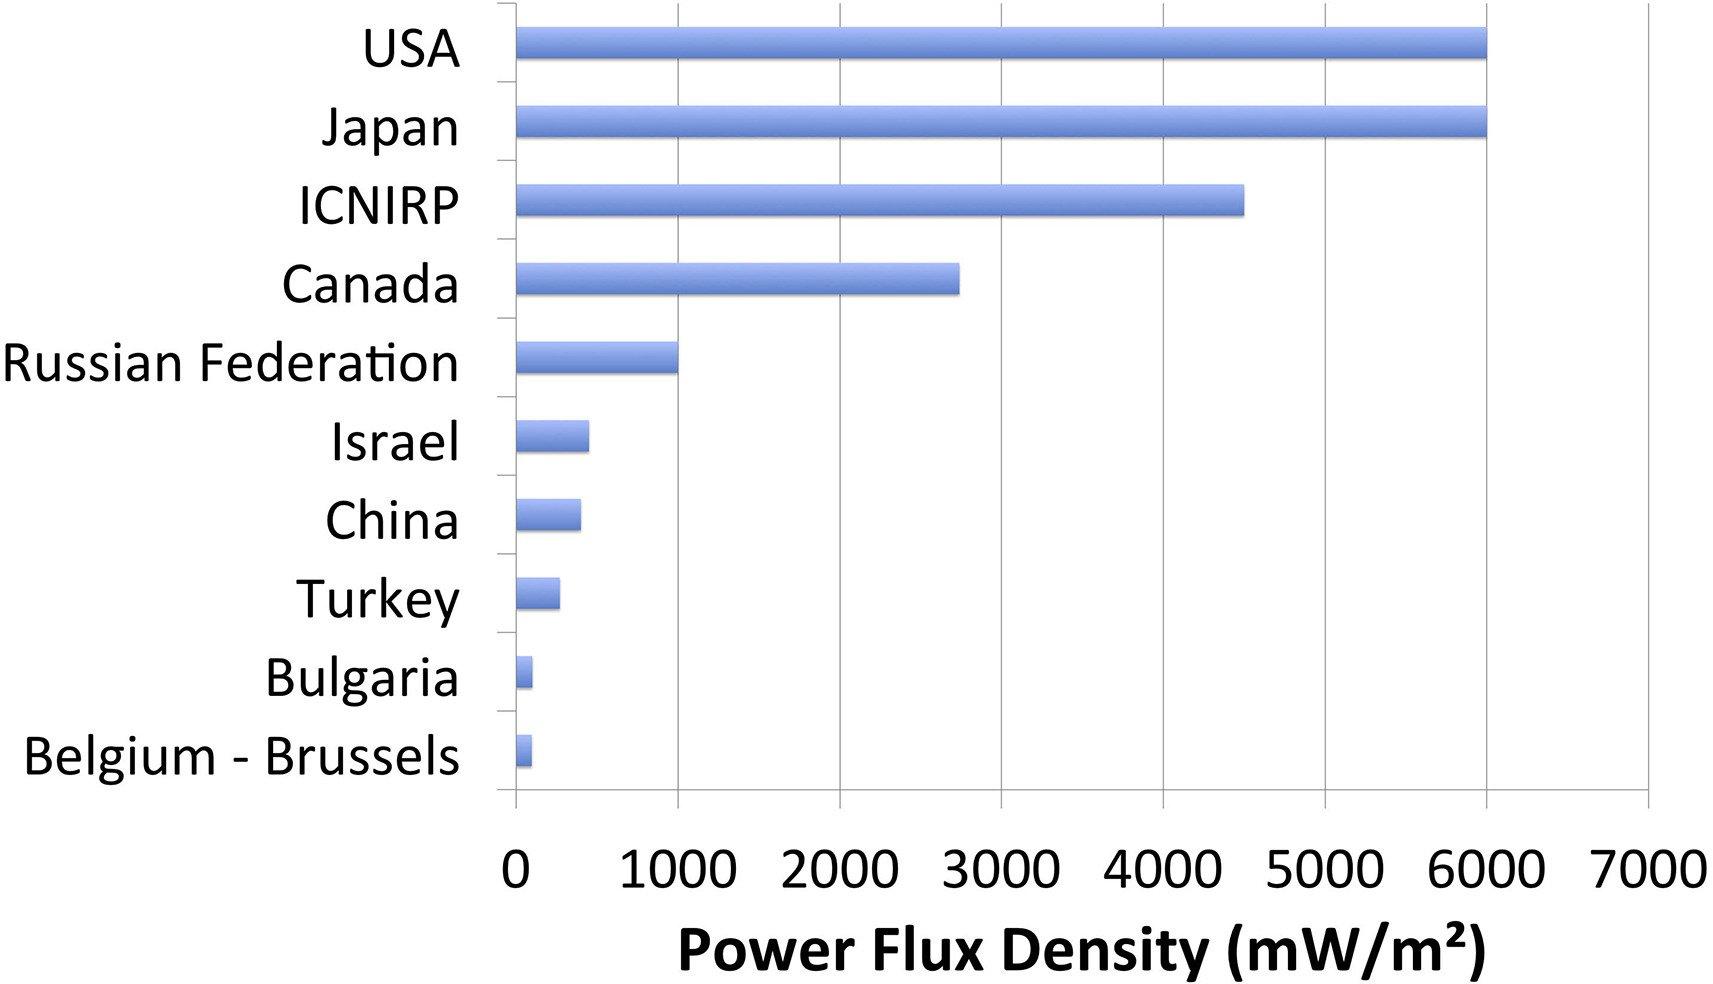 Power flux density